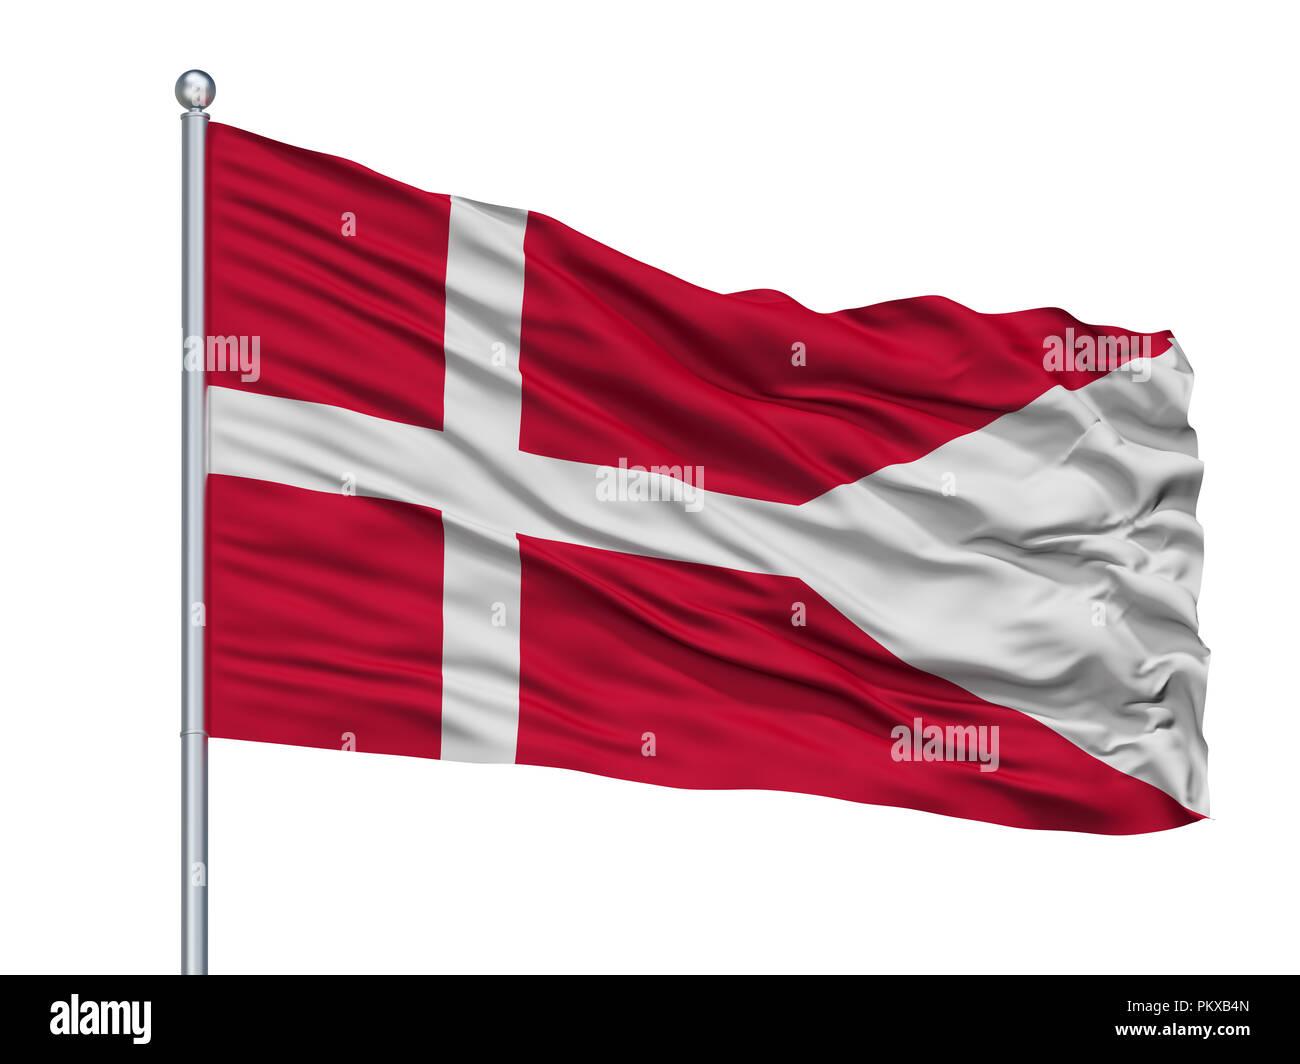 Dinamarca Naval Ensign bandera en un mástil, aislado sobre fondo blanco, 3D Rendering Foto de stock